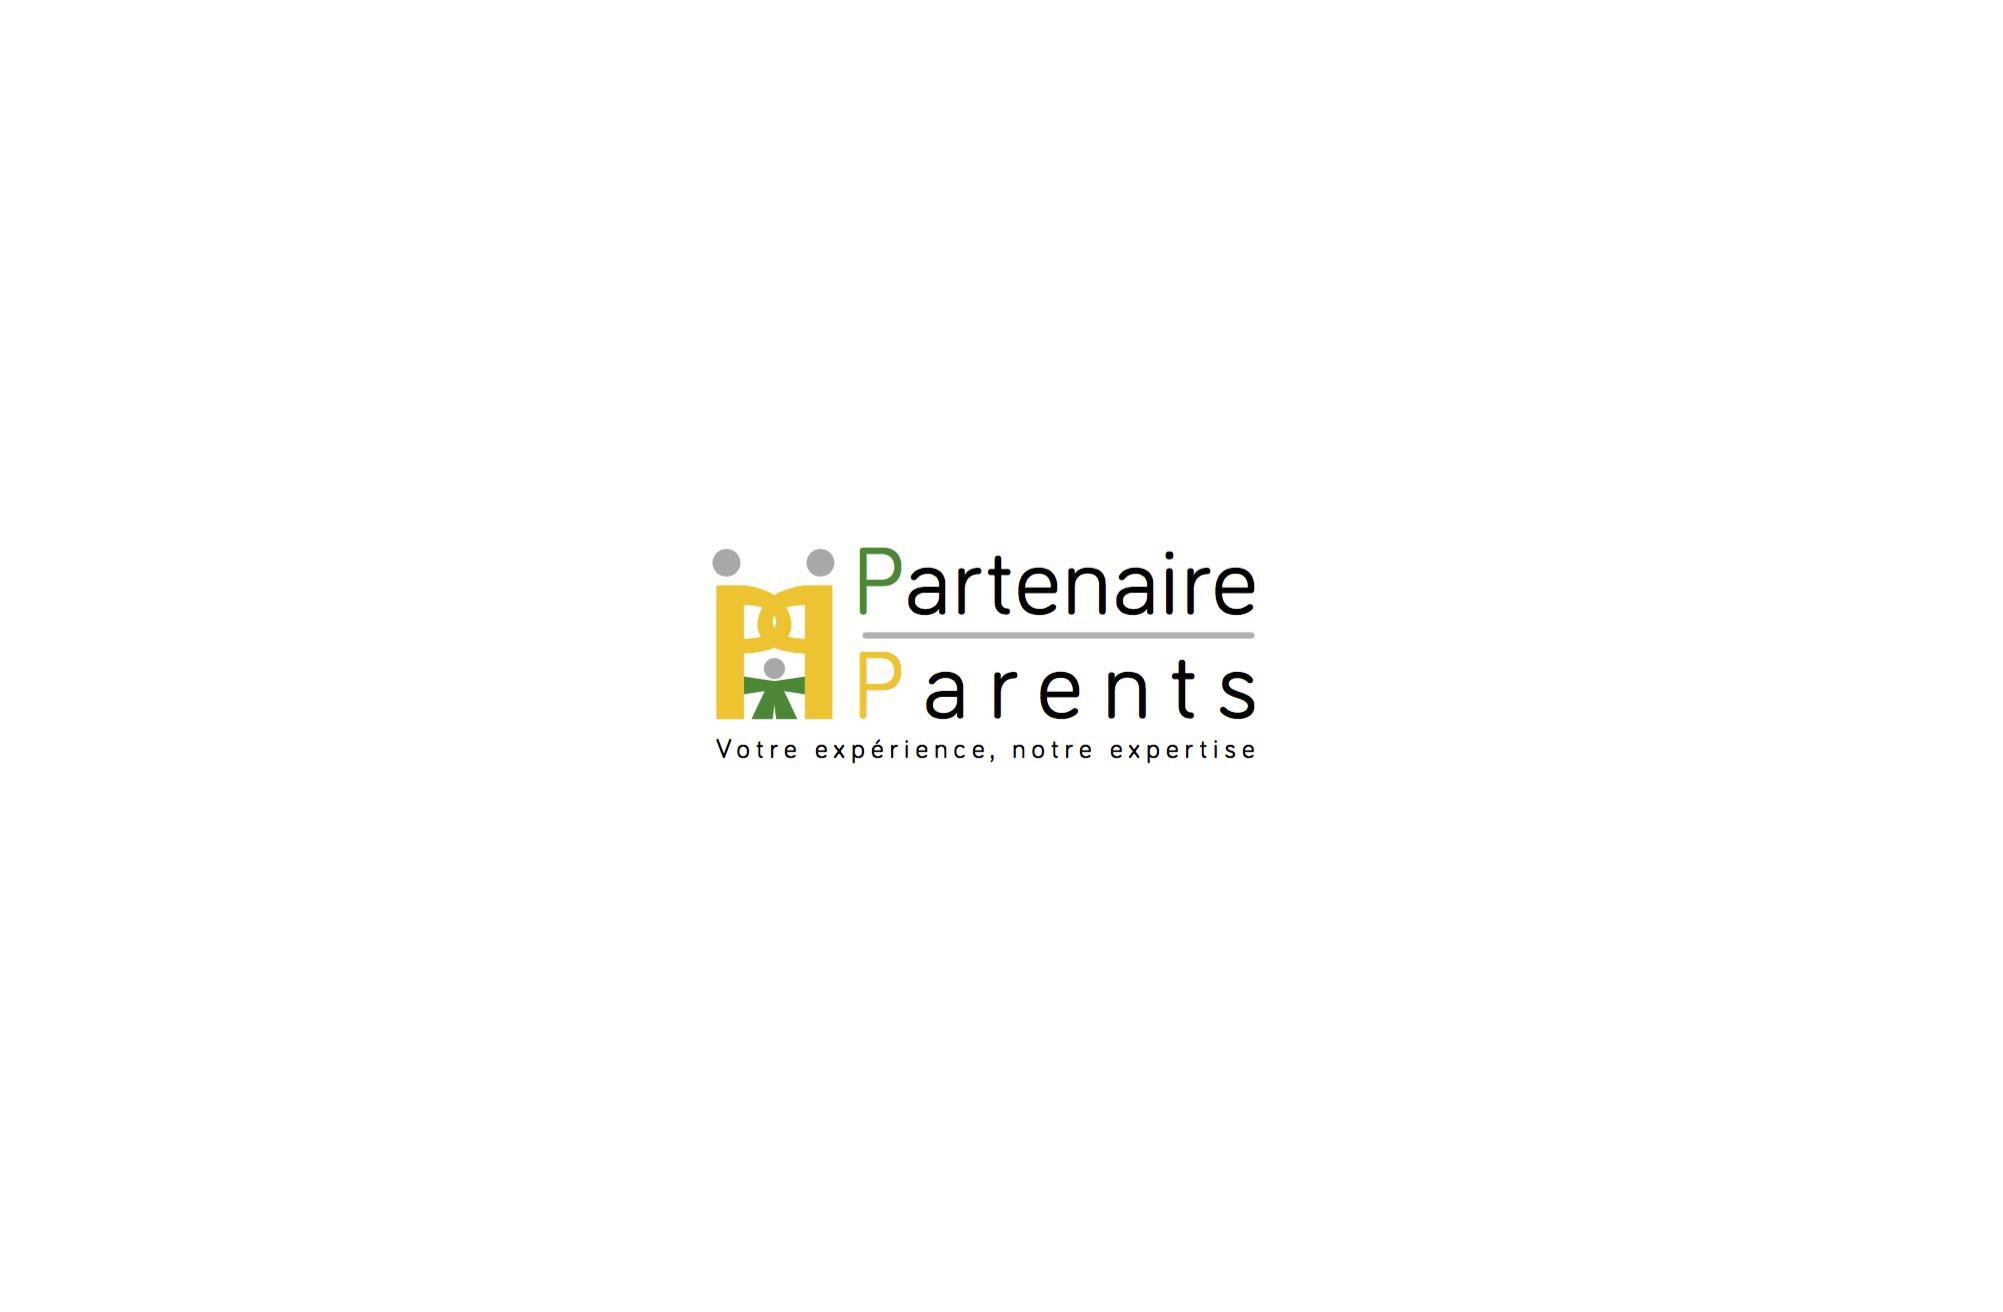 partenaire-parents